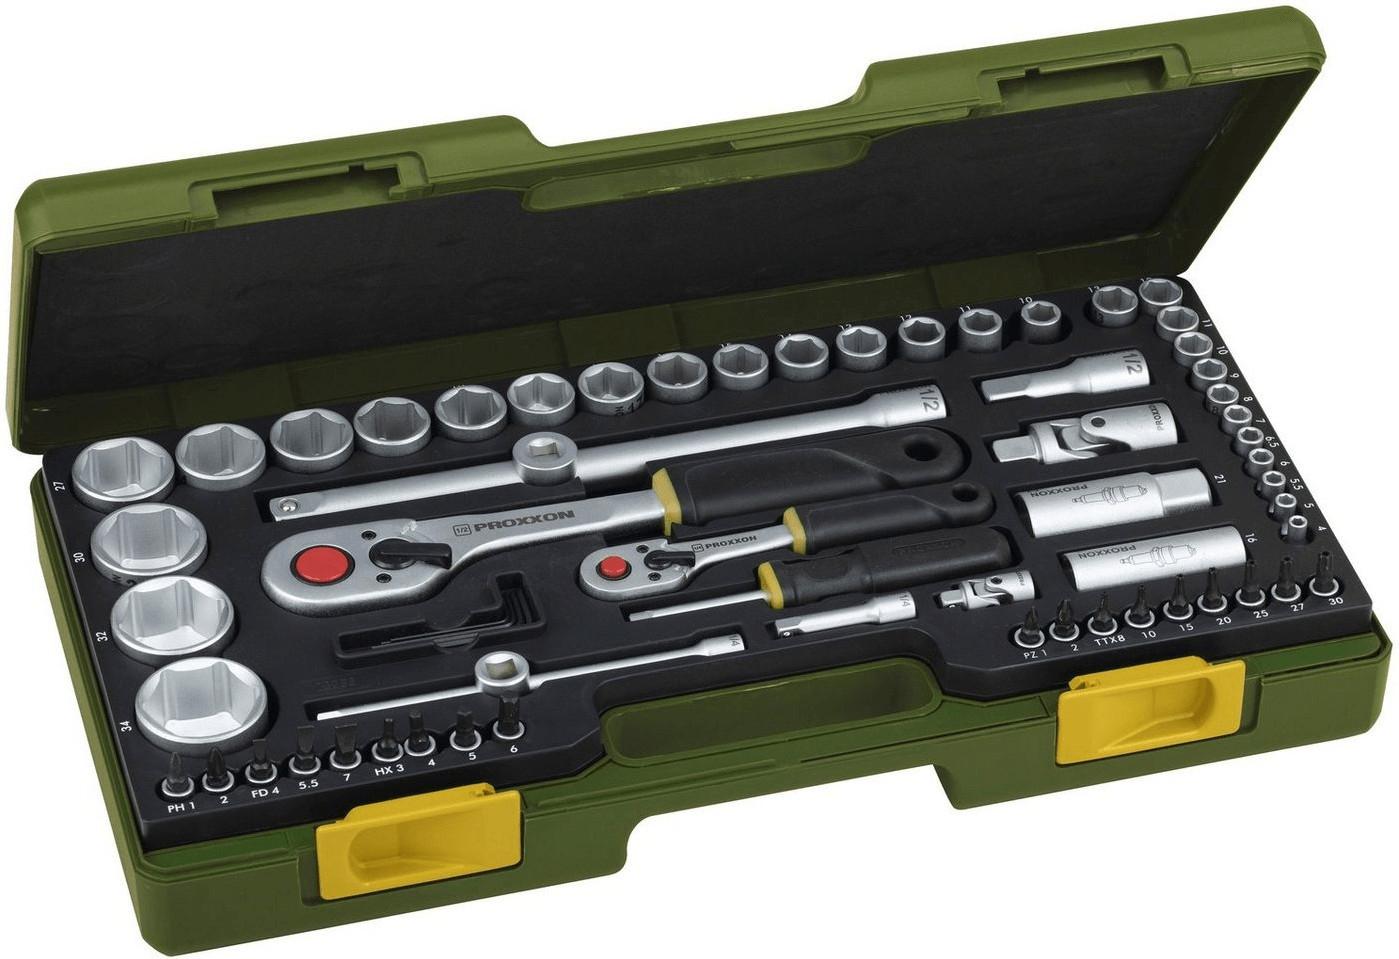 Proxxon Steckschlüsselsatz 65-tlg.im Koffer für 71,99 Euro [Globus Baumarkt-Filiale]